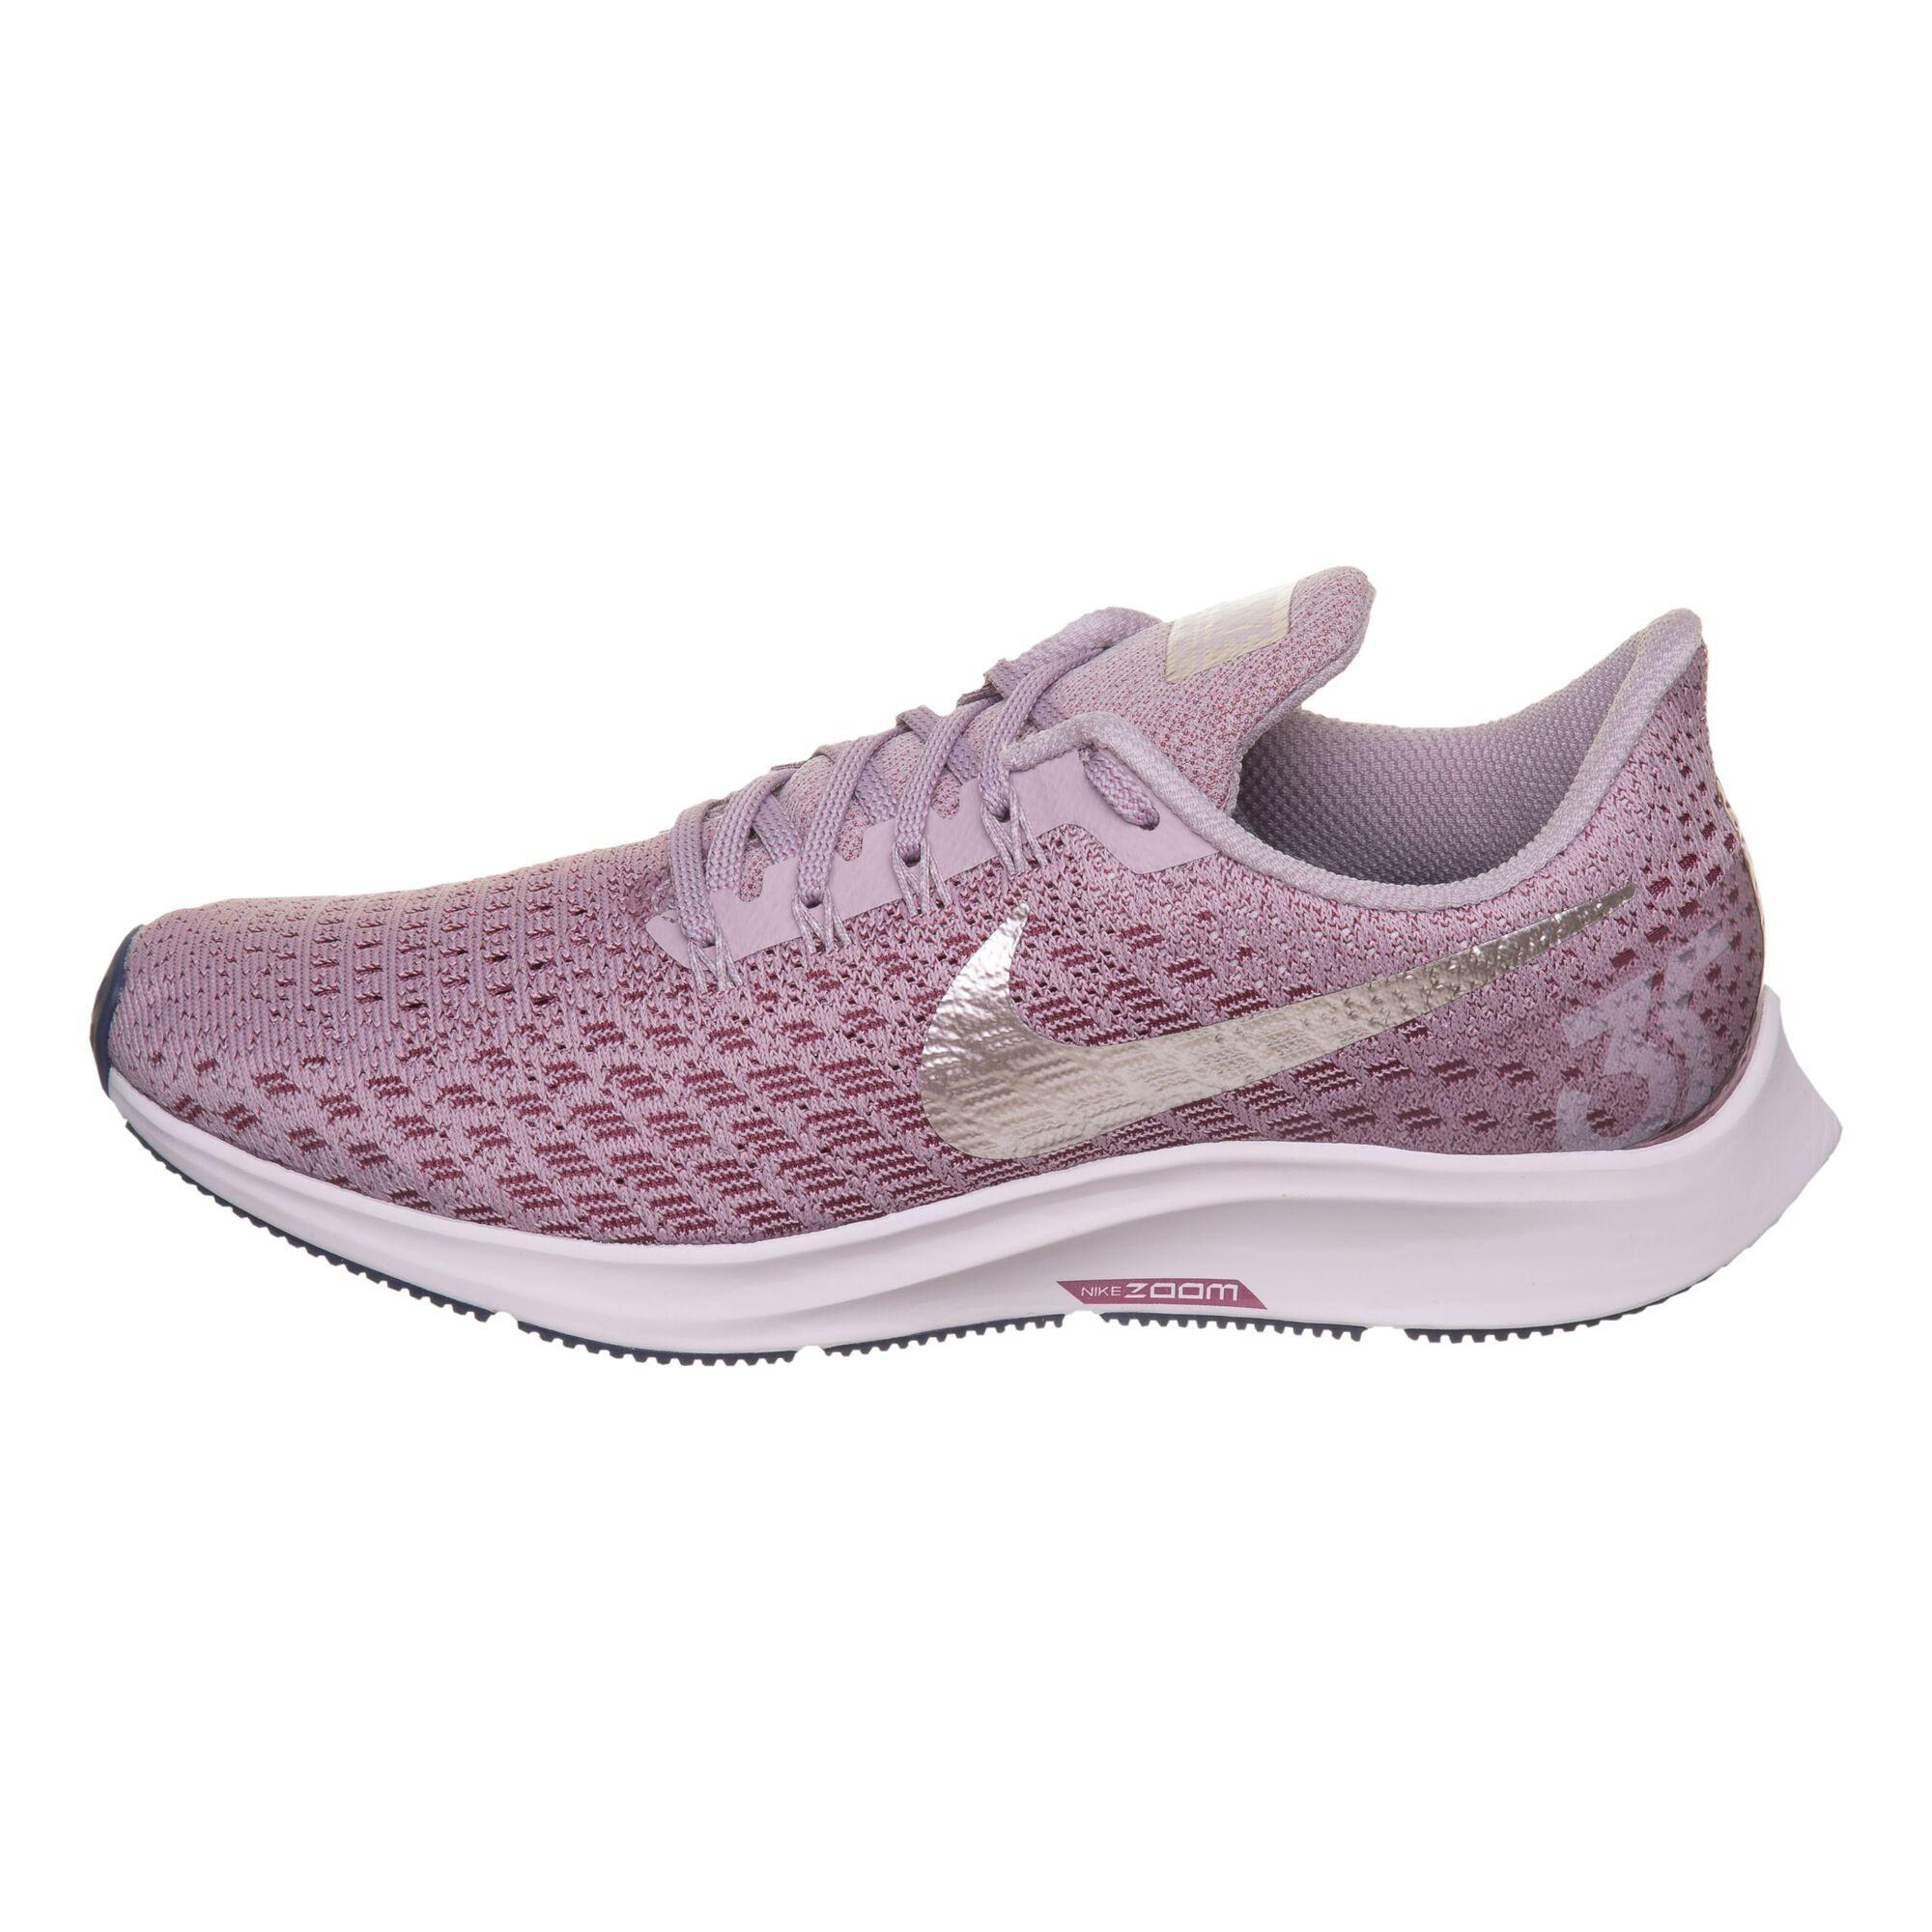 d8d4cc1337 Nike · Nike · Nike · Nike · Nike · Nike · Nike · Nike · Nike · Nike. Air  Zoom Pegasus ...